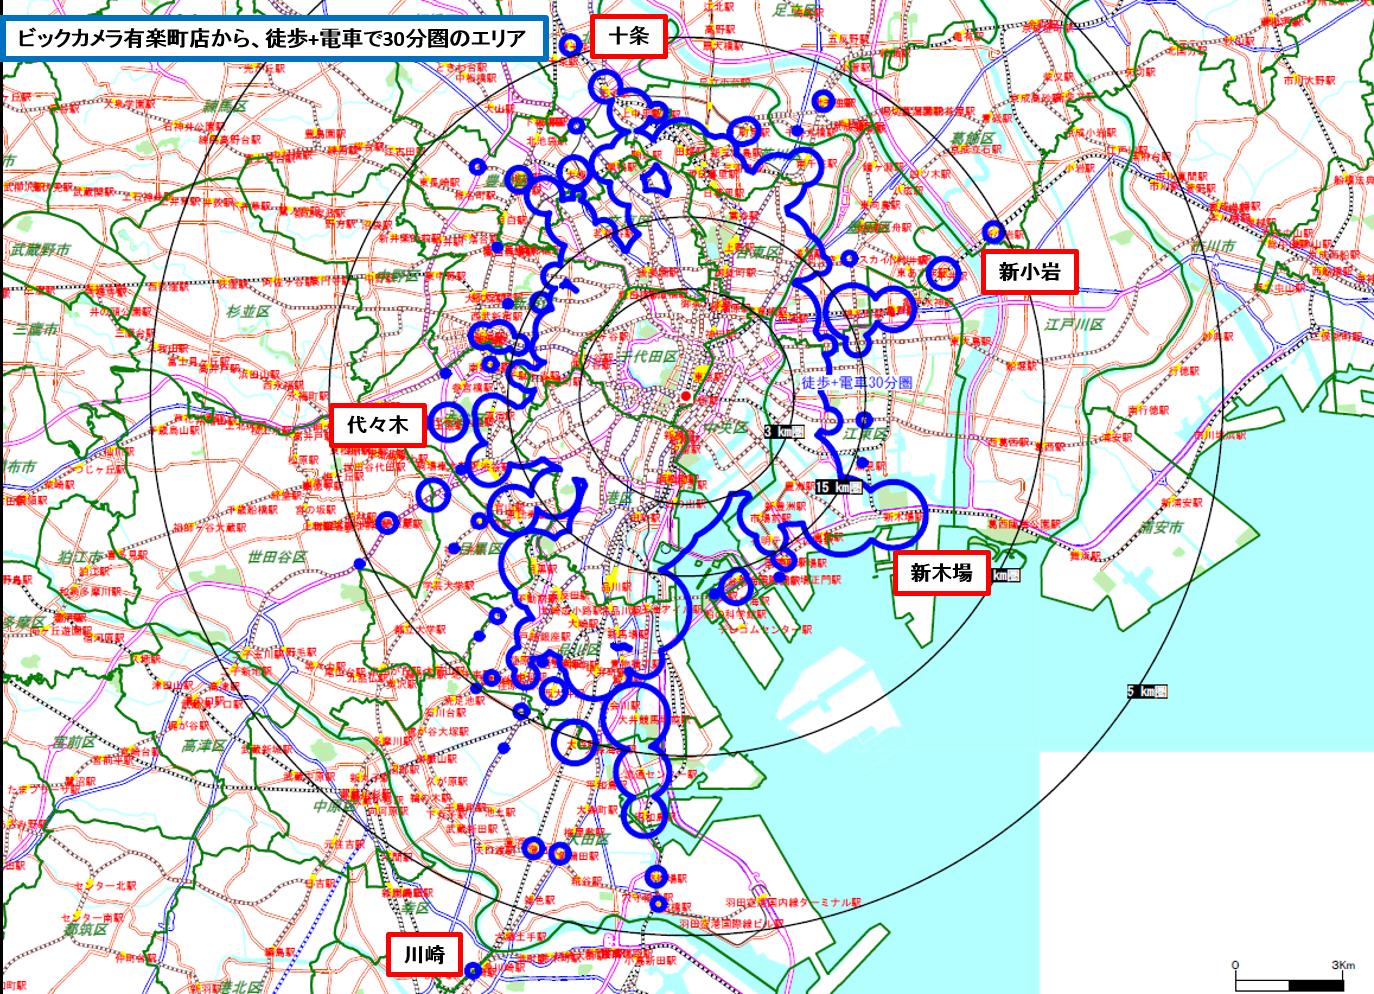 ビックカメラ有楽町 徒歩+電車30分MAP